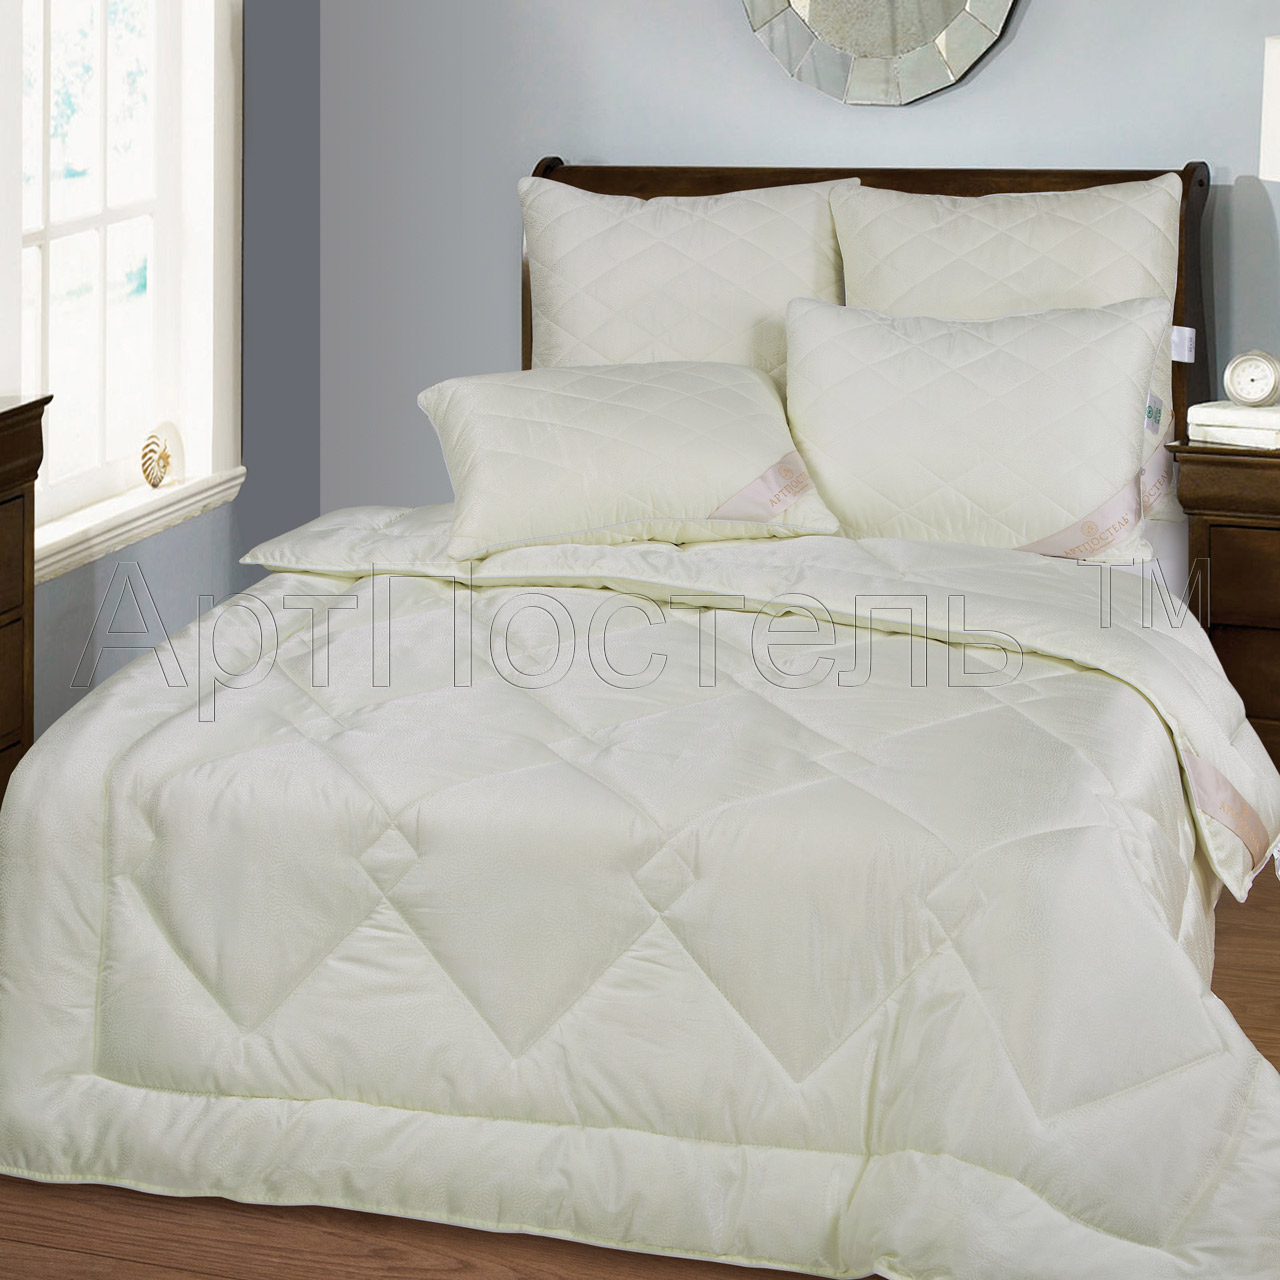 """Одеяло зимнее """"Приета"""" (кашемир, жаккард) 1,5 спальный (140*205) всего за 3589 рублей!"""